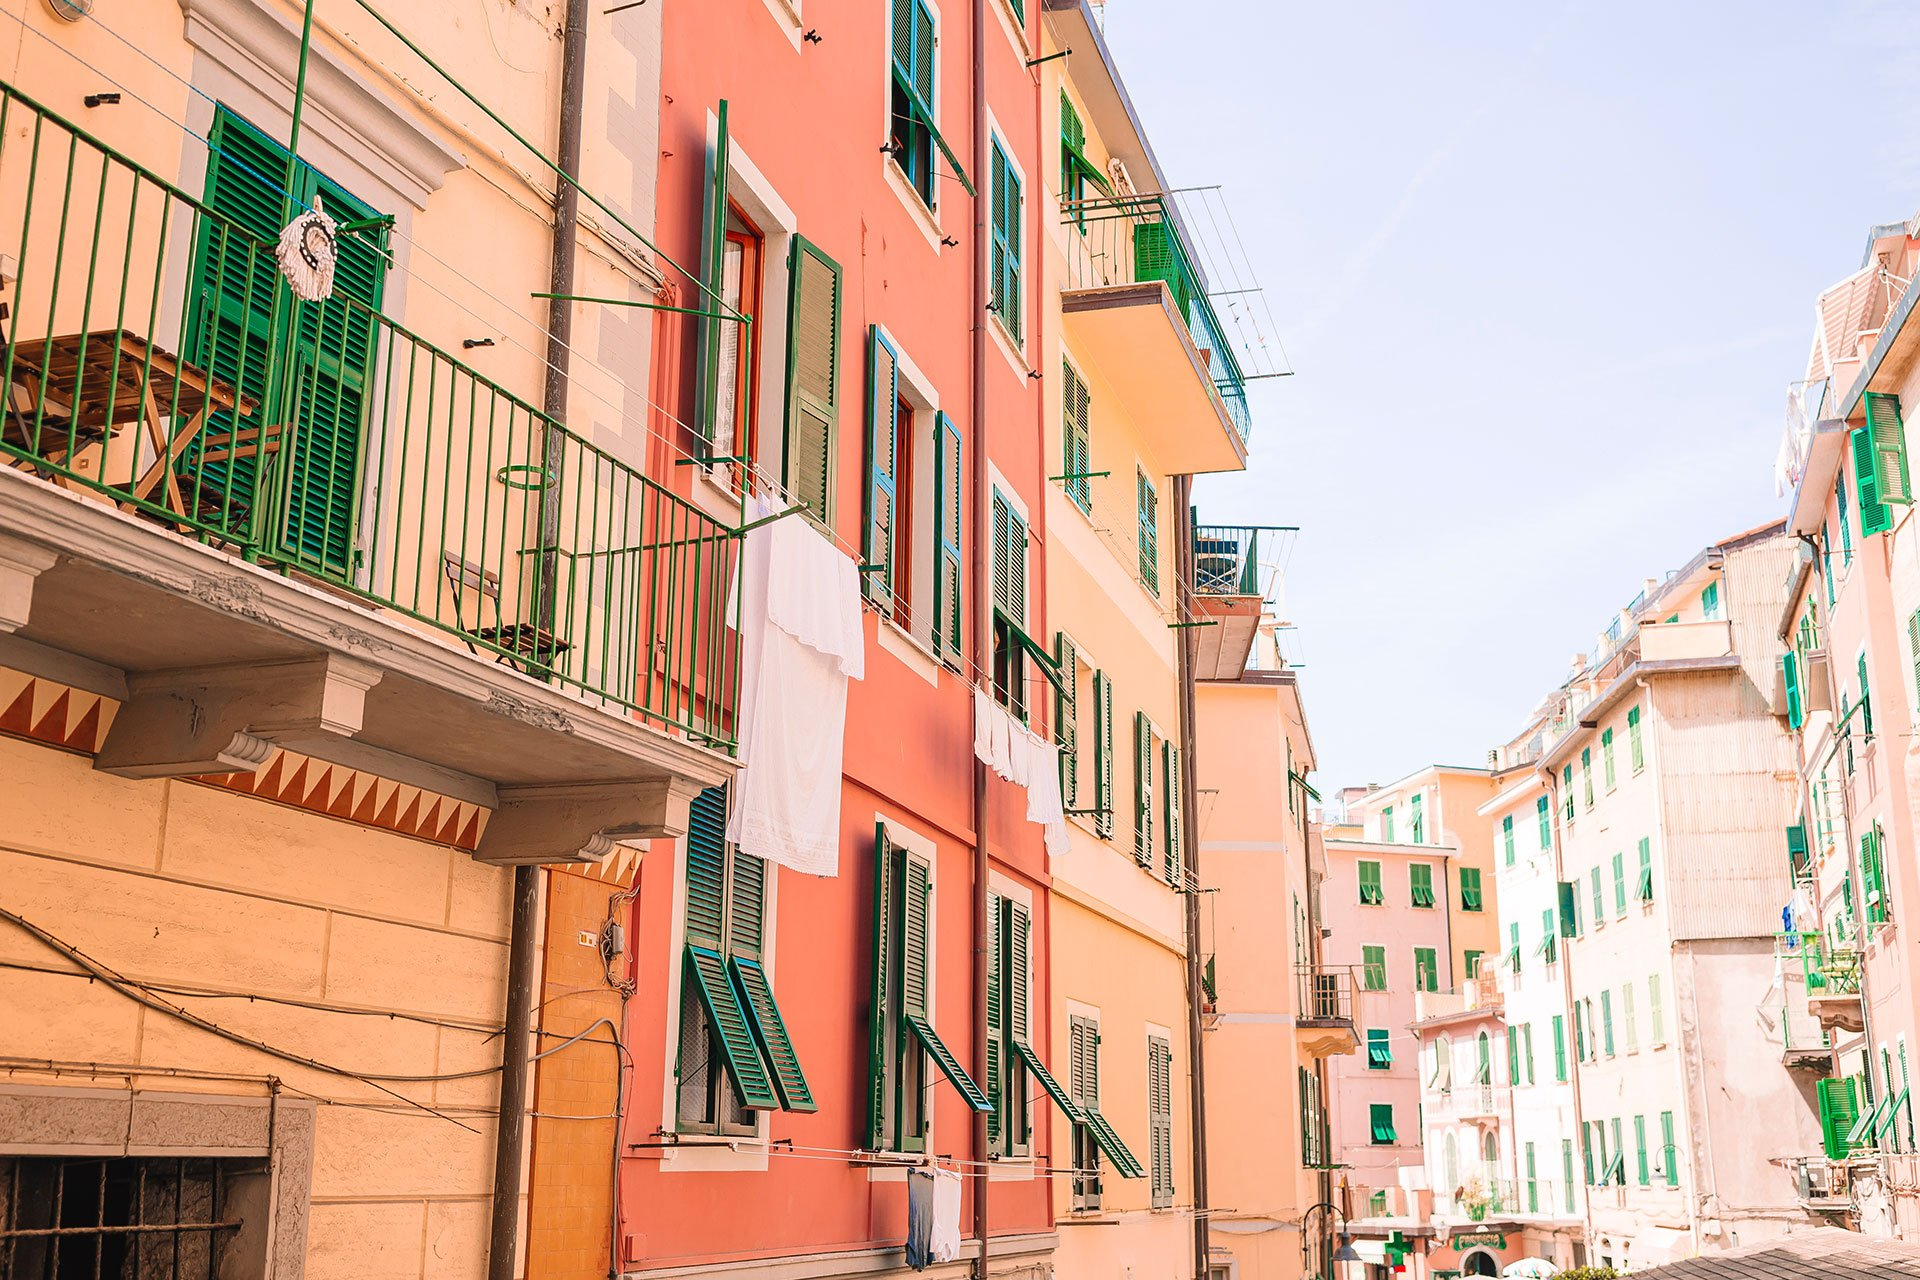 La Liguria e le sue casette colorate - I Borghi più belli d'Italia